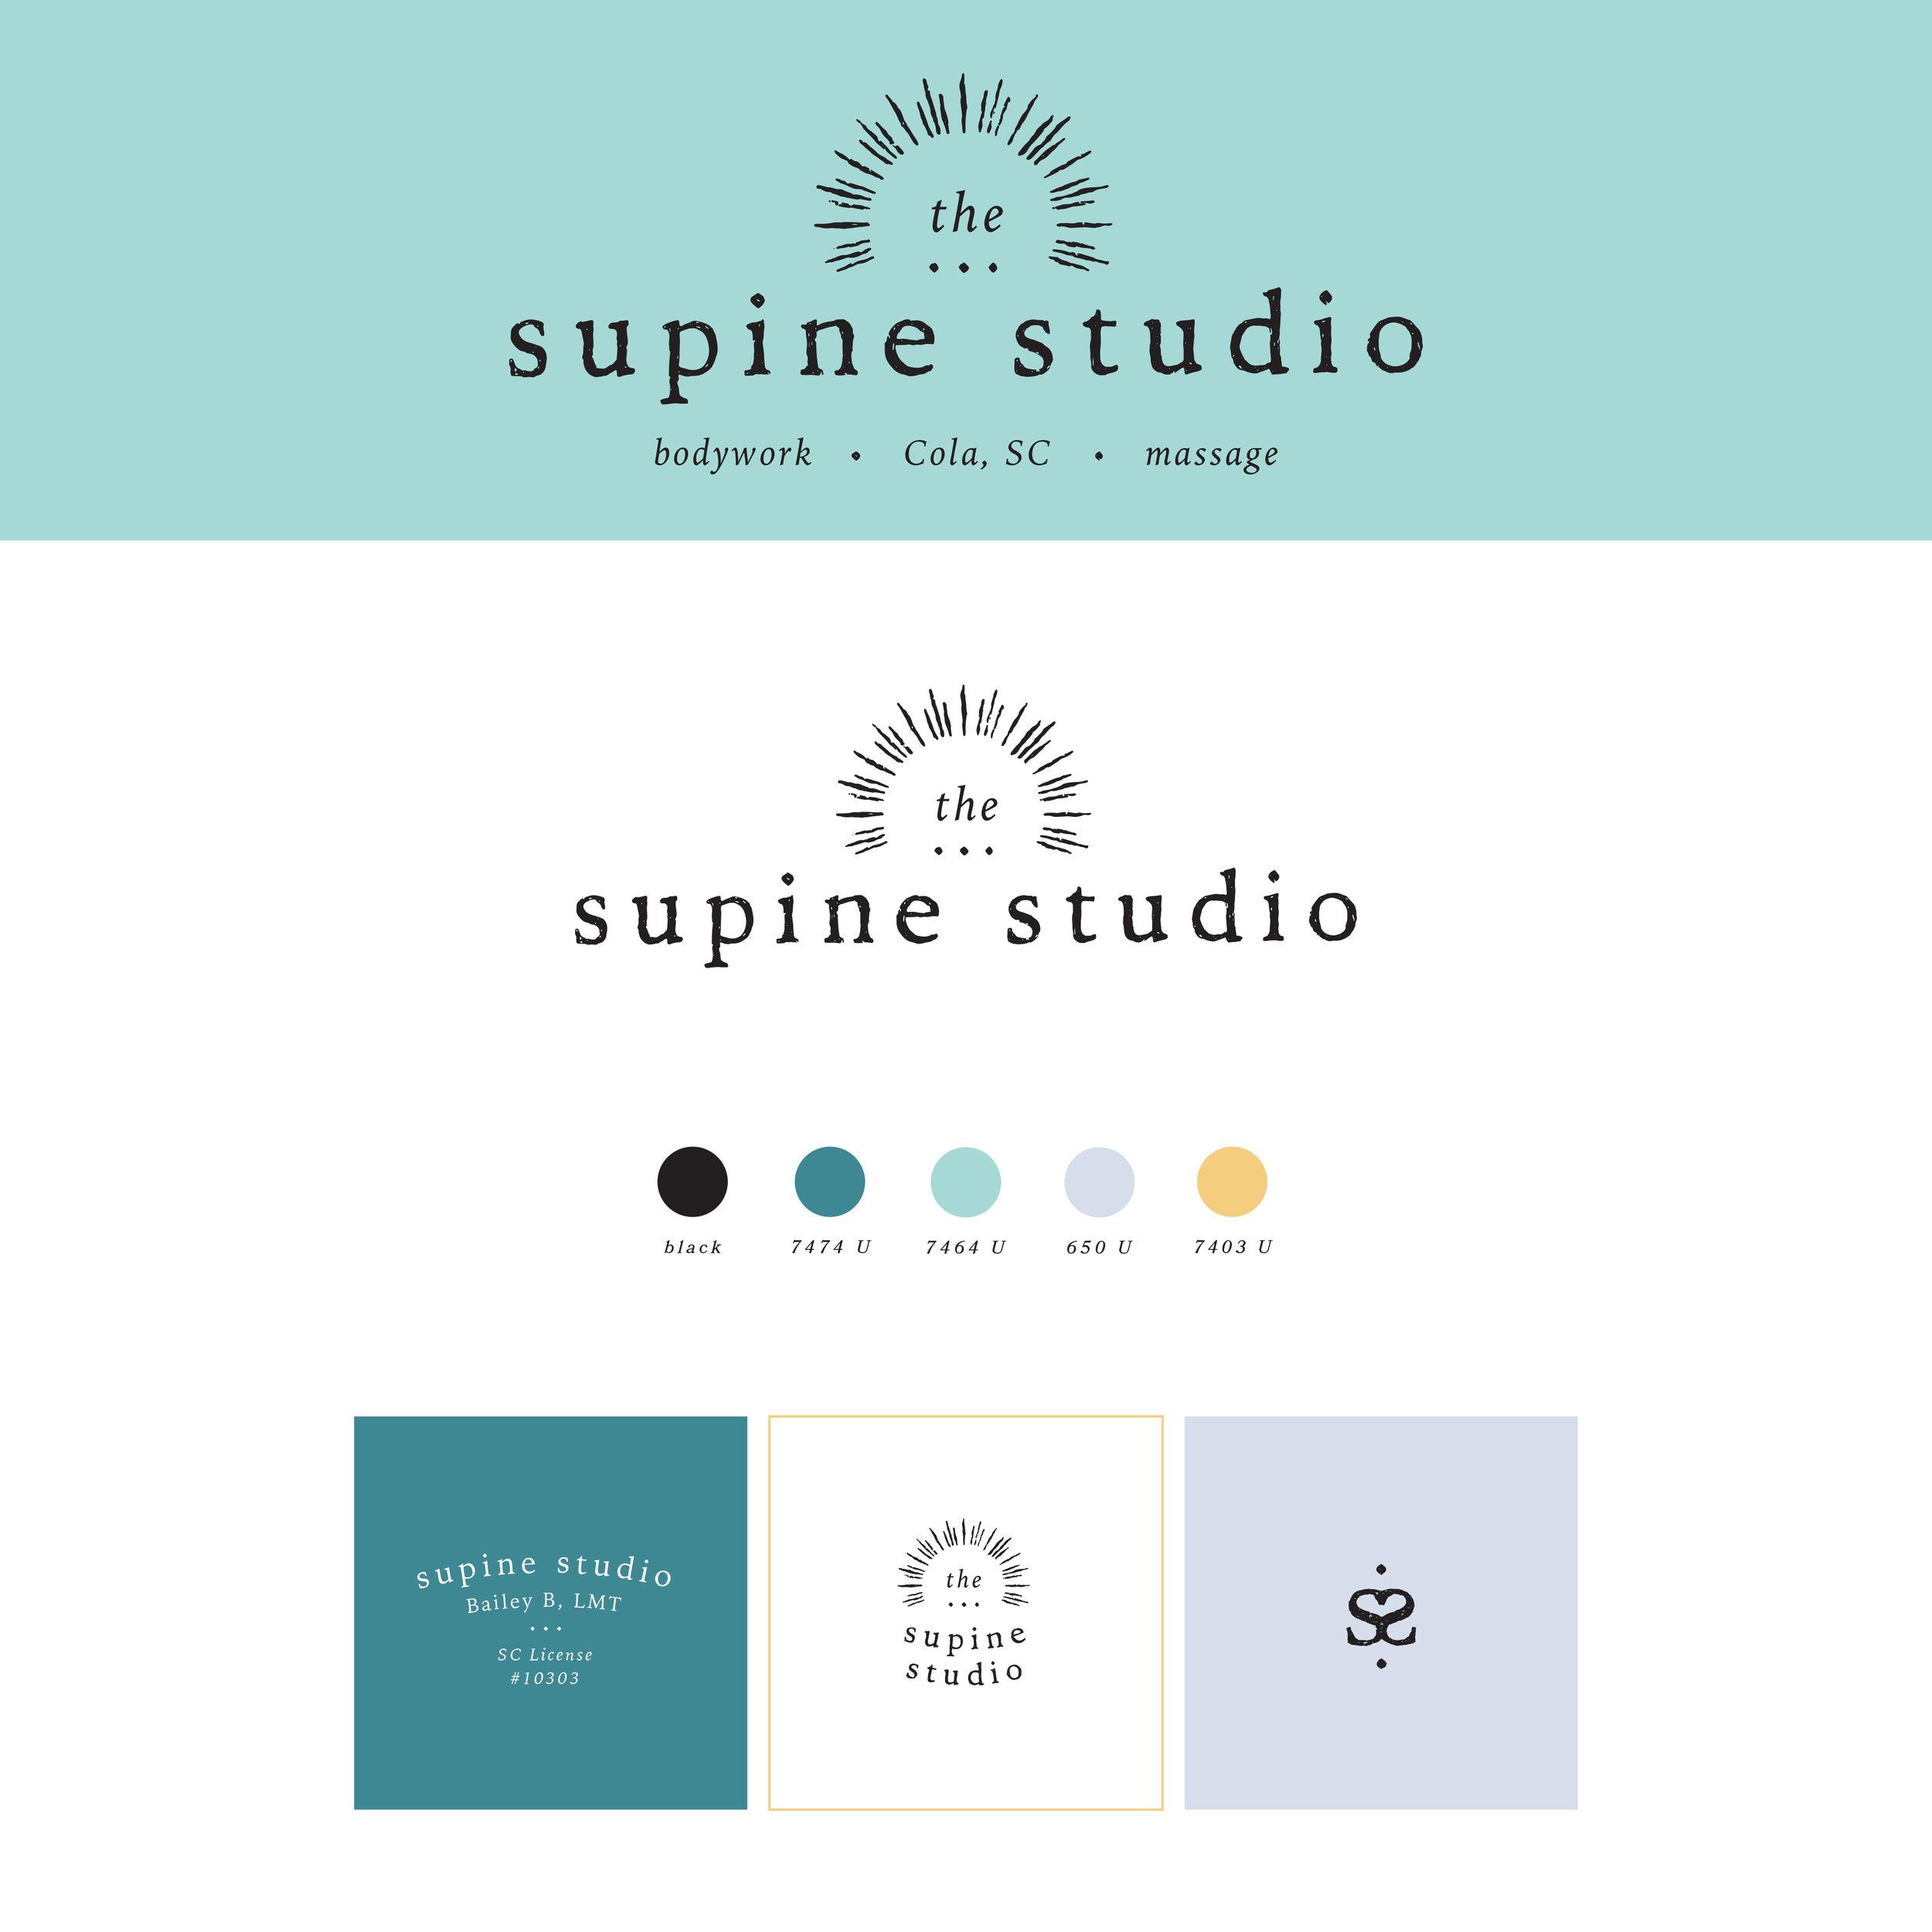 The-Supine-Studio---Brand-Standards-site.jpg